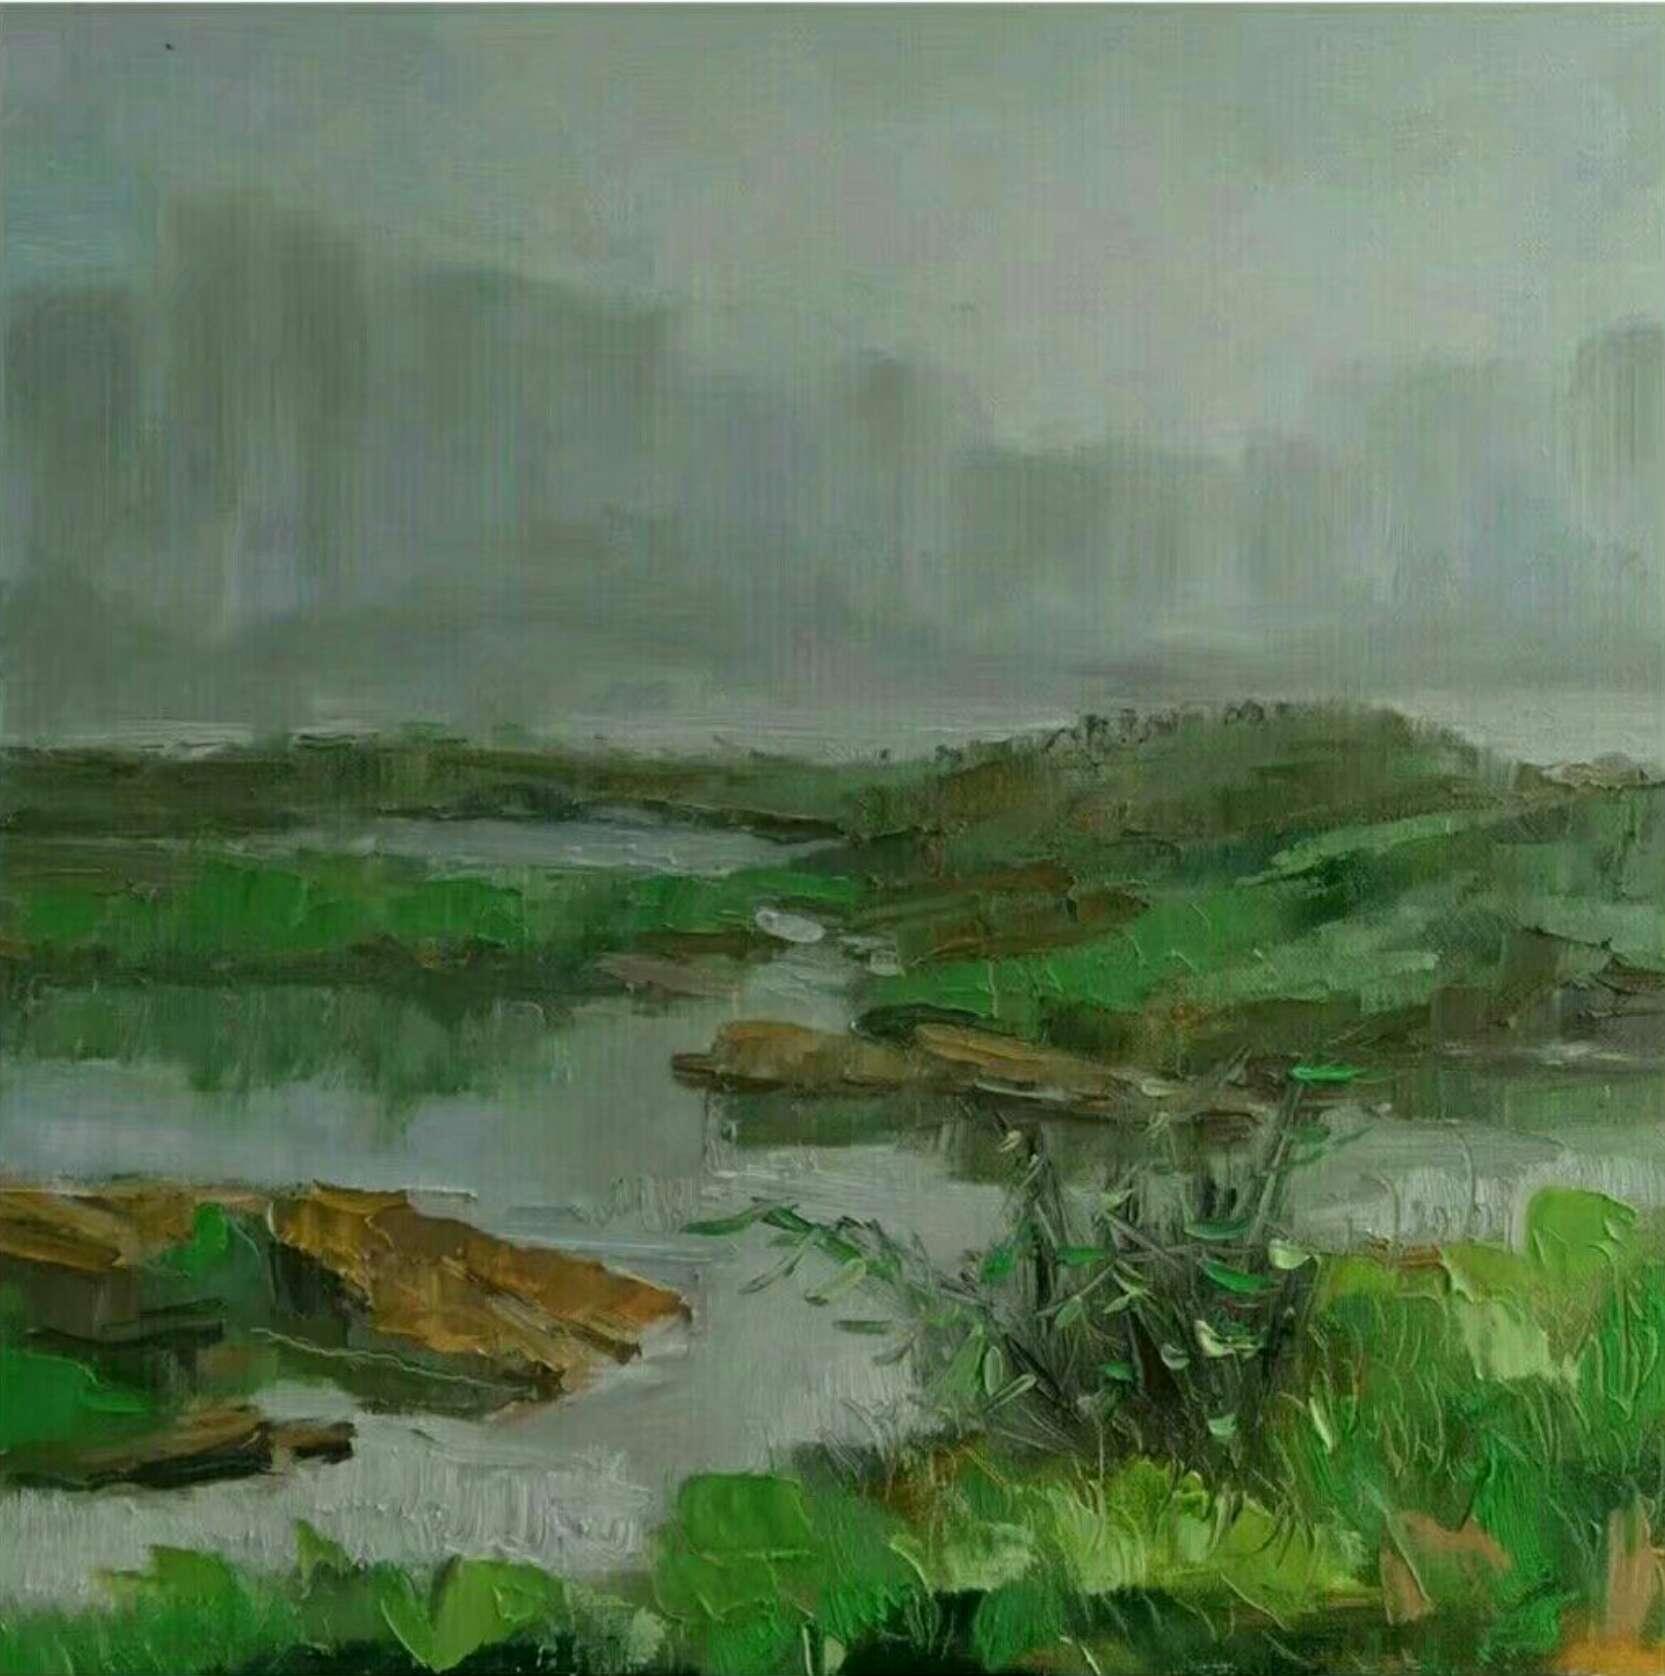 青山绿水皆有情 李一夫油画欣赏